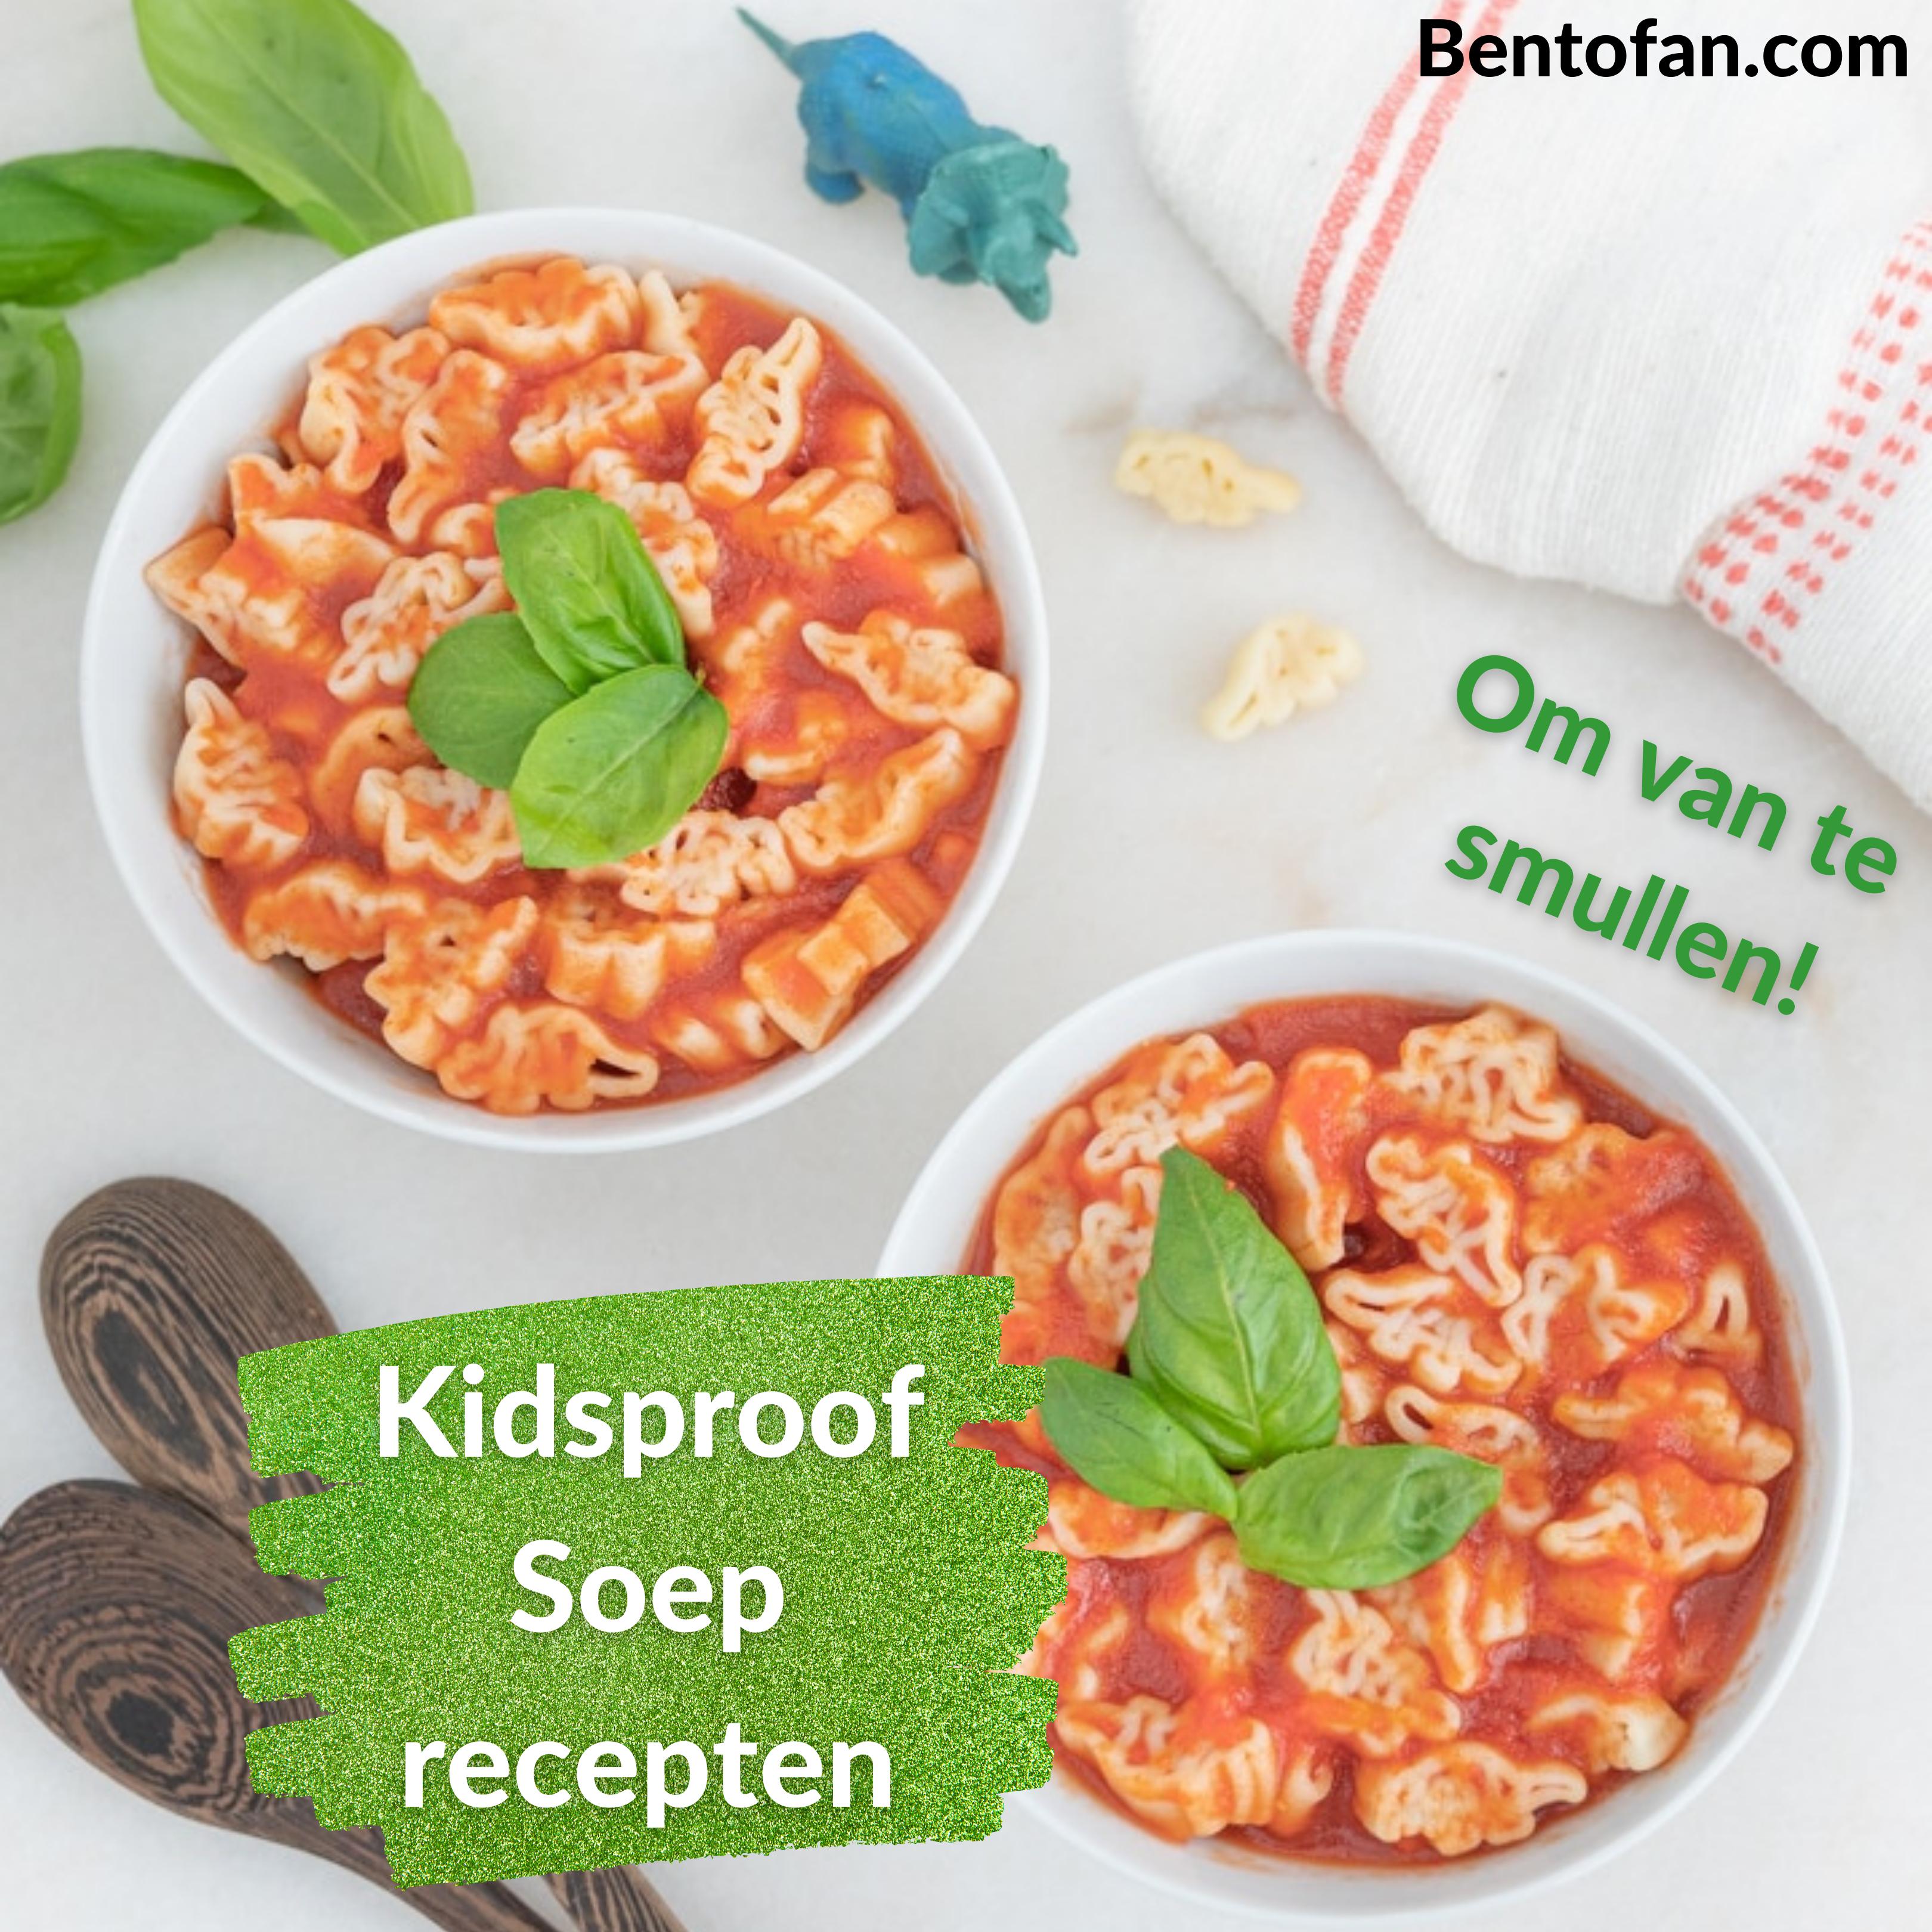 kidsproof soeprecepten